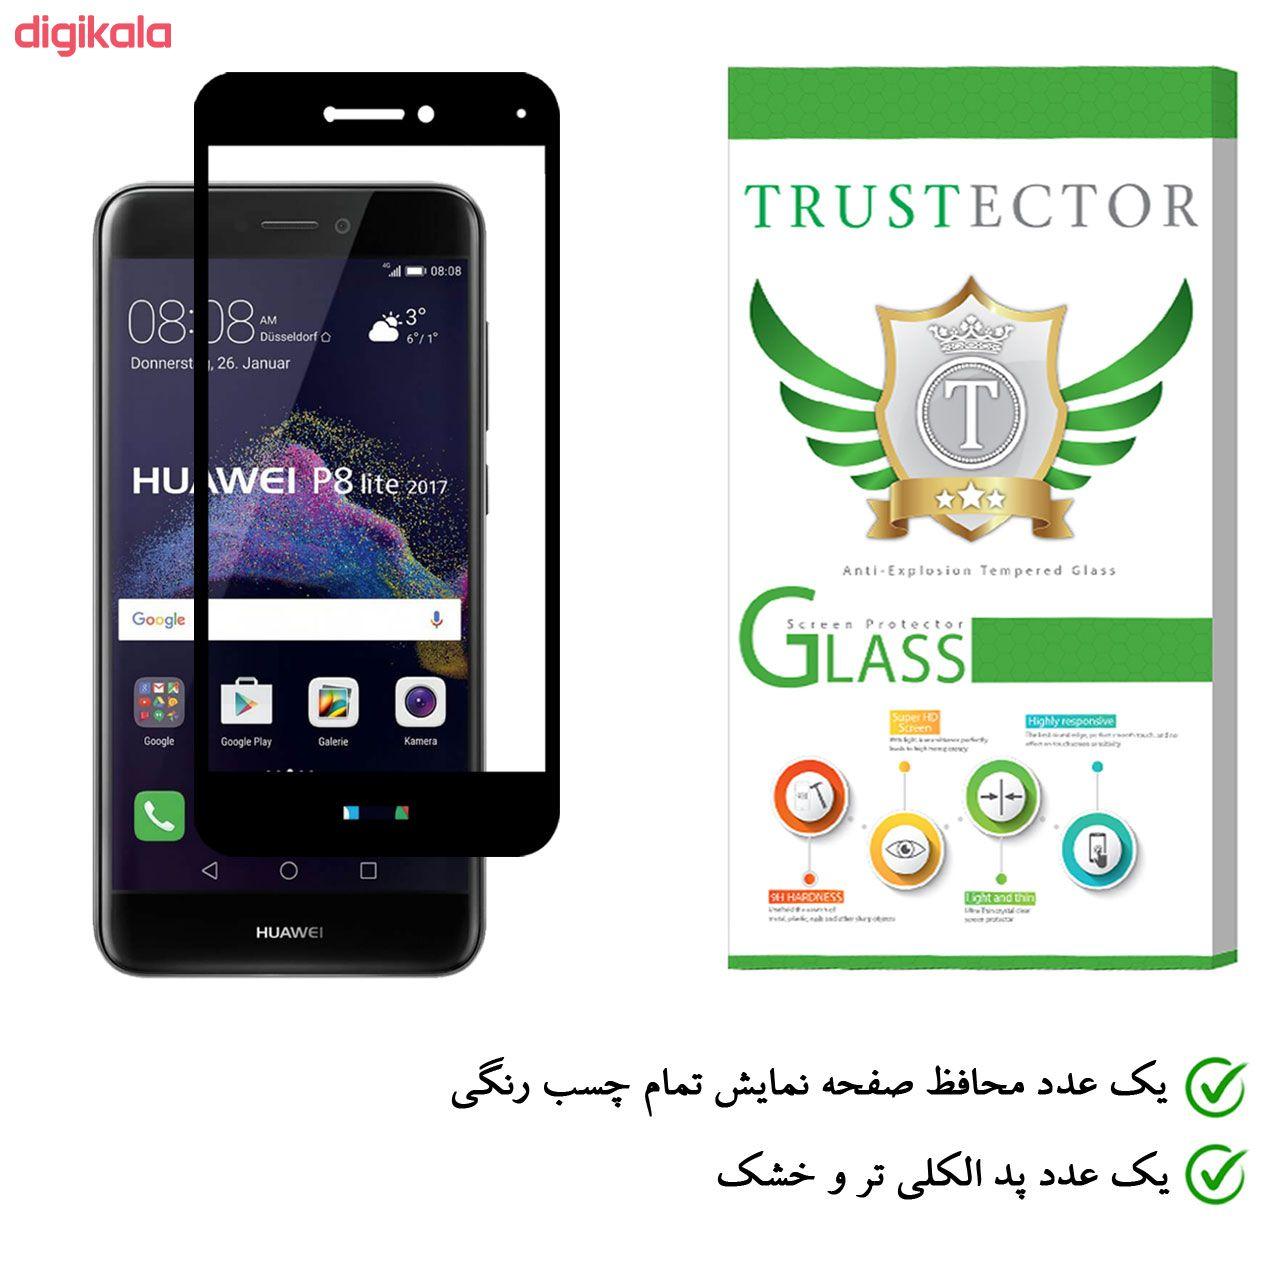 محافظ صفحه نمایش تراستکتور مدل GSS مناسب برای گوشی موبایل هوآوی P8 Lite 2017 / آنر 8Lite main 1 2